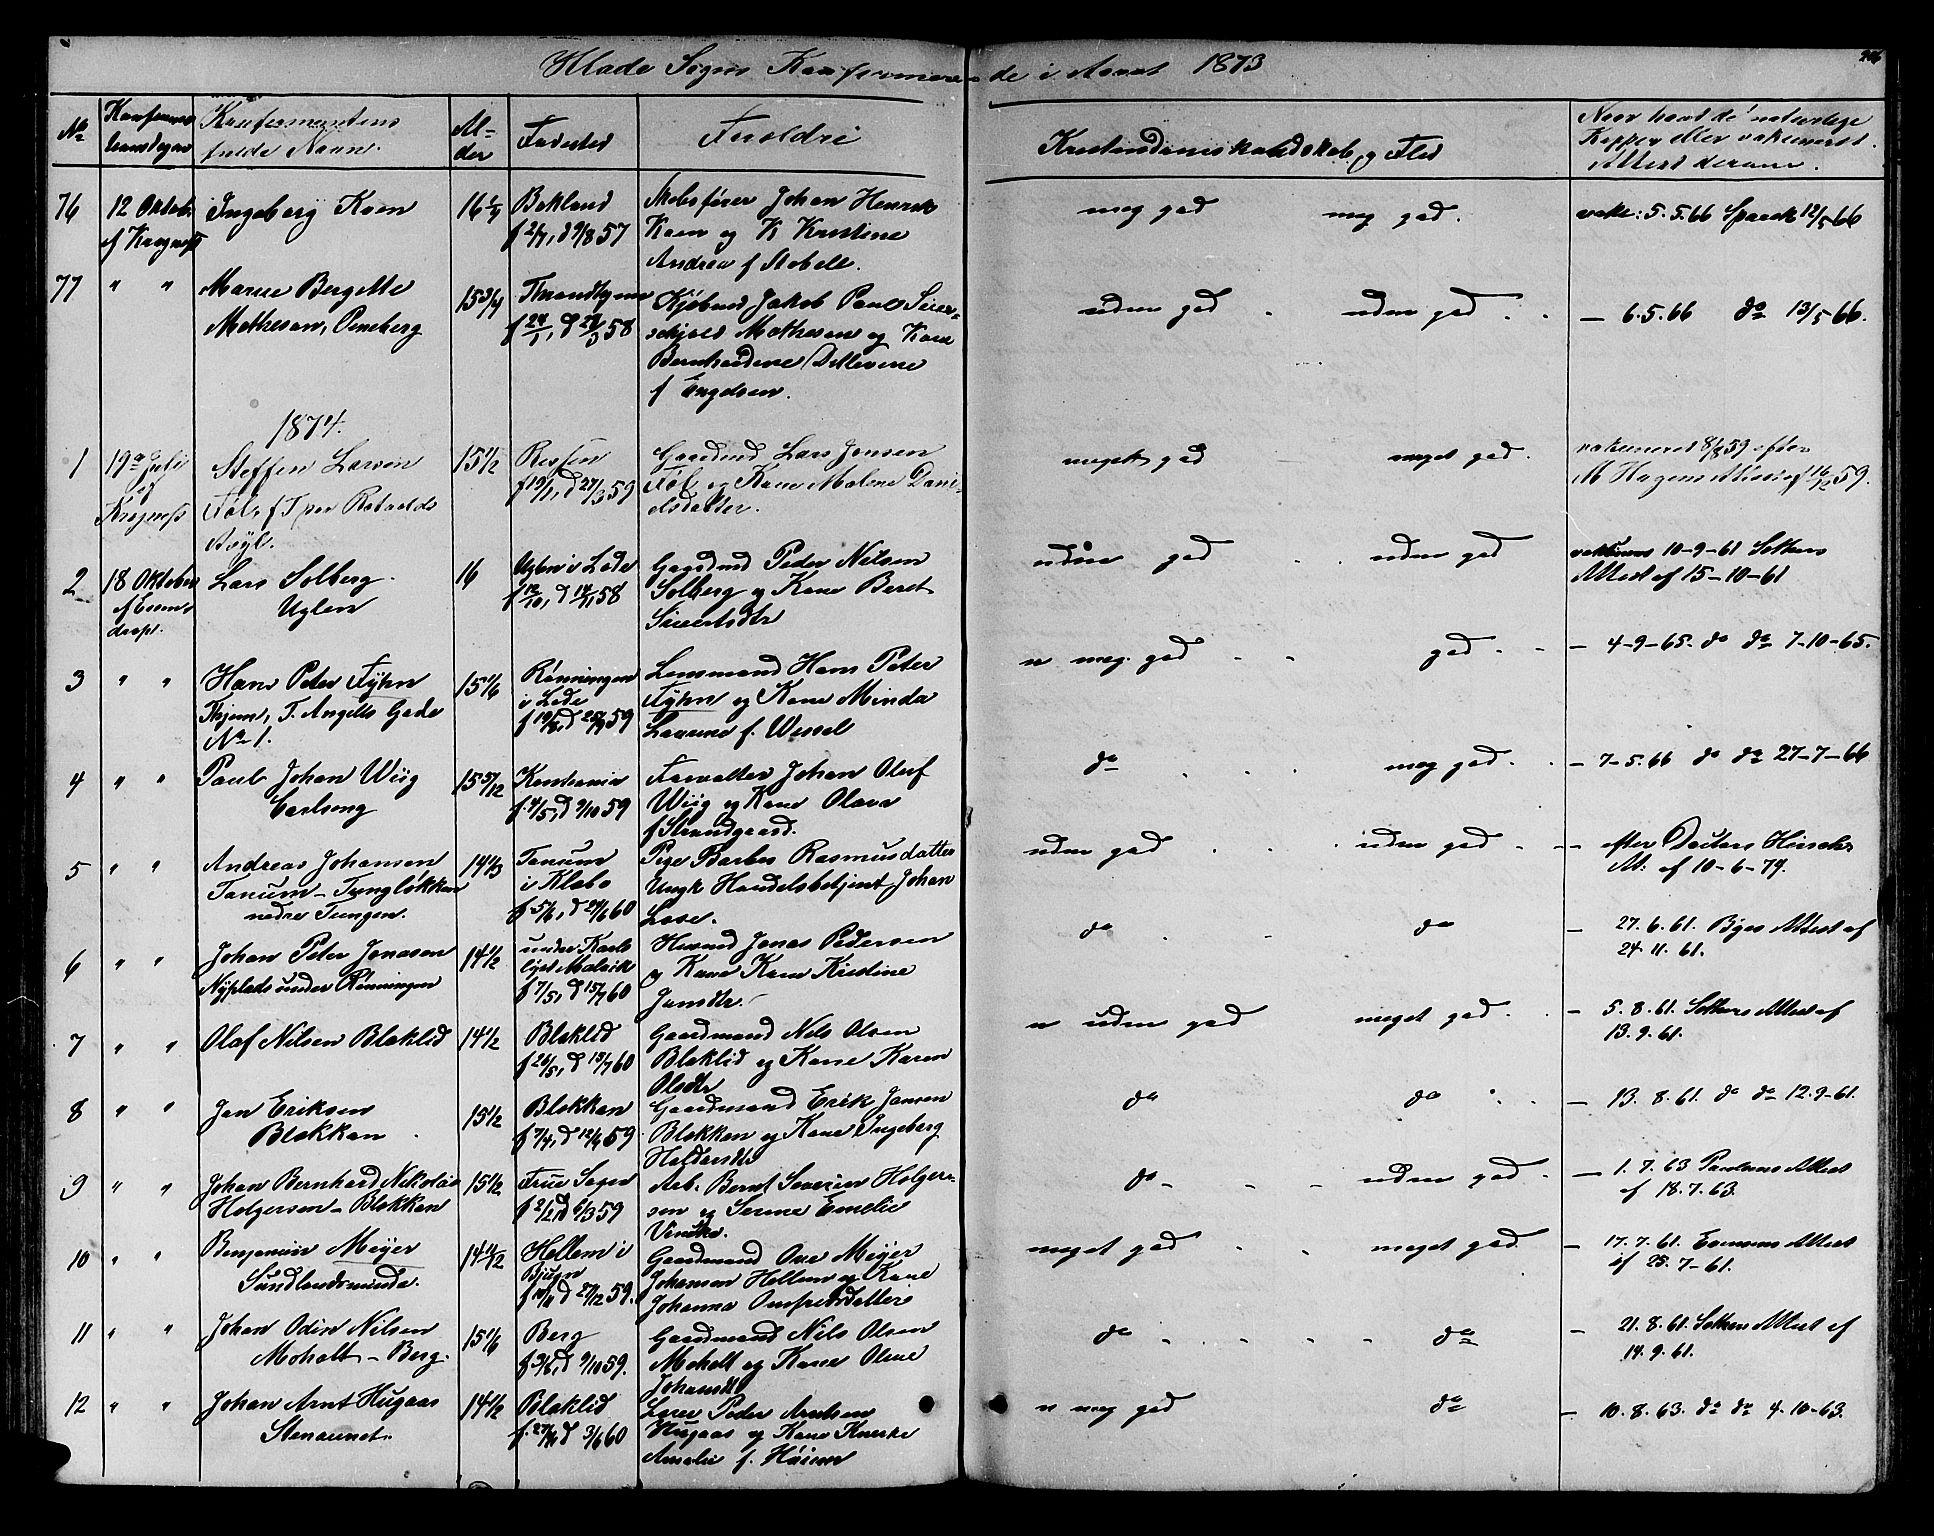 SAT, Ministerialprotokoller, klokkerbøker og fødselsregistre - Sør-Trøndelag, 606/L0311: Klokkerbok nr. 606C07, 1860-1877, s. 206